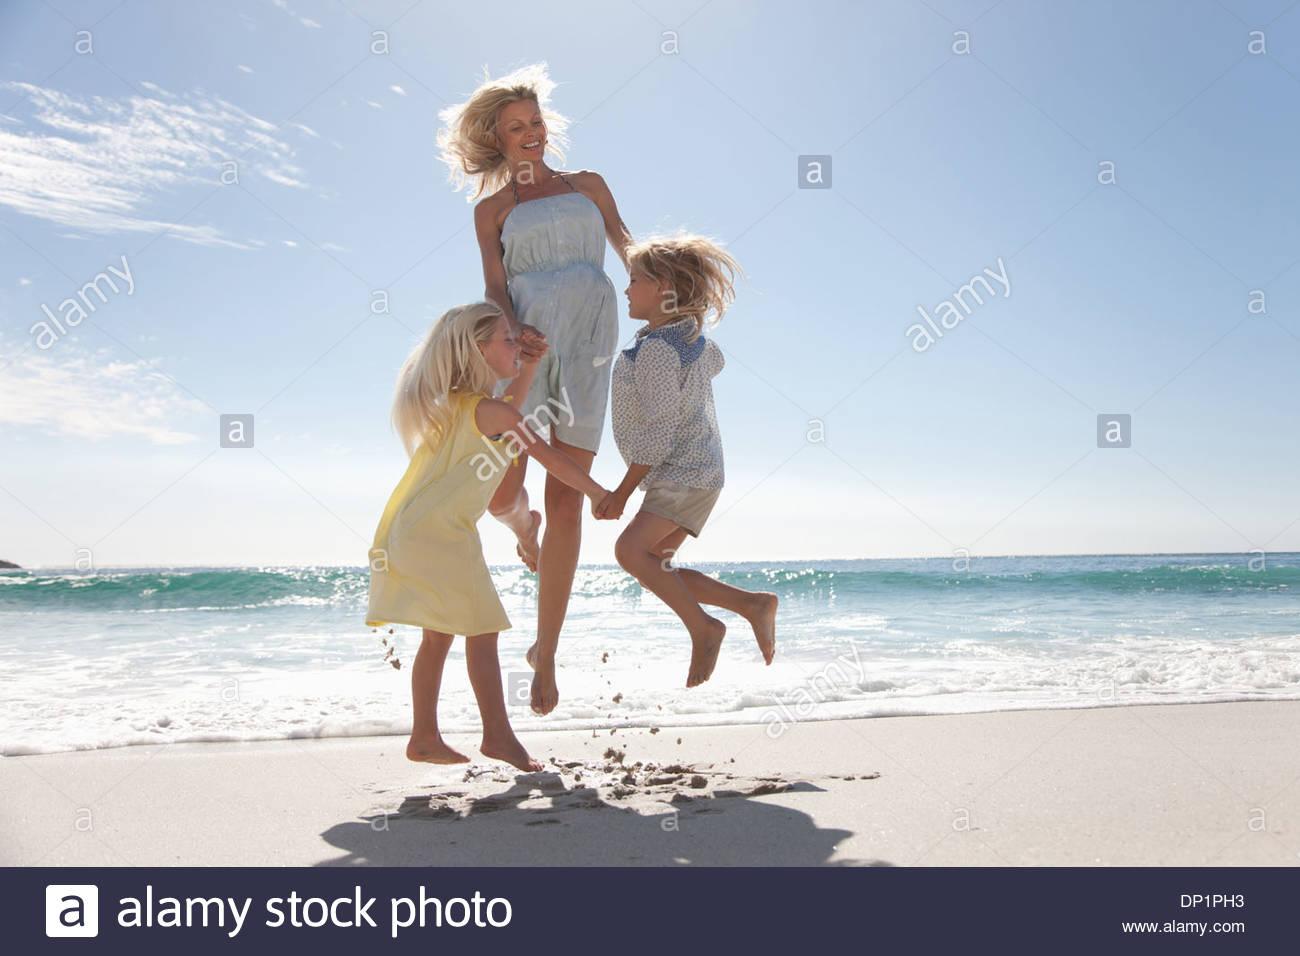 Familia jugando en la playa Imagen De Stock